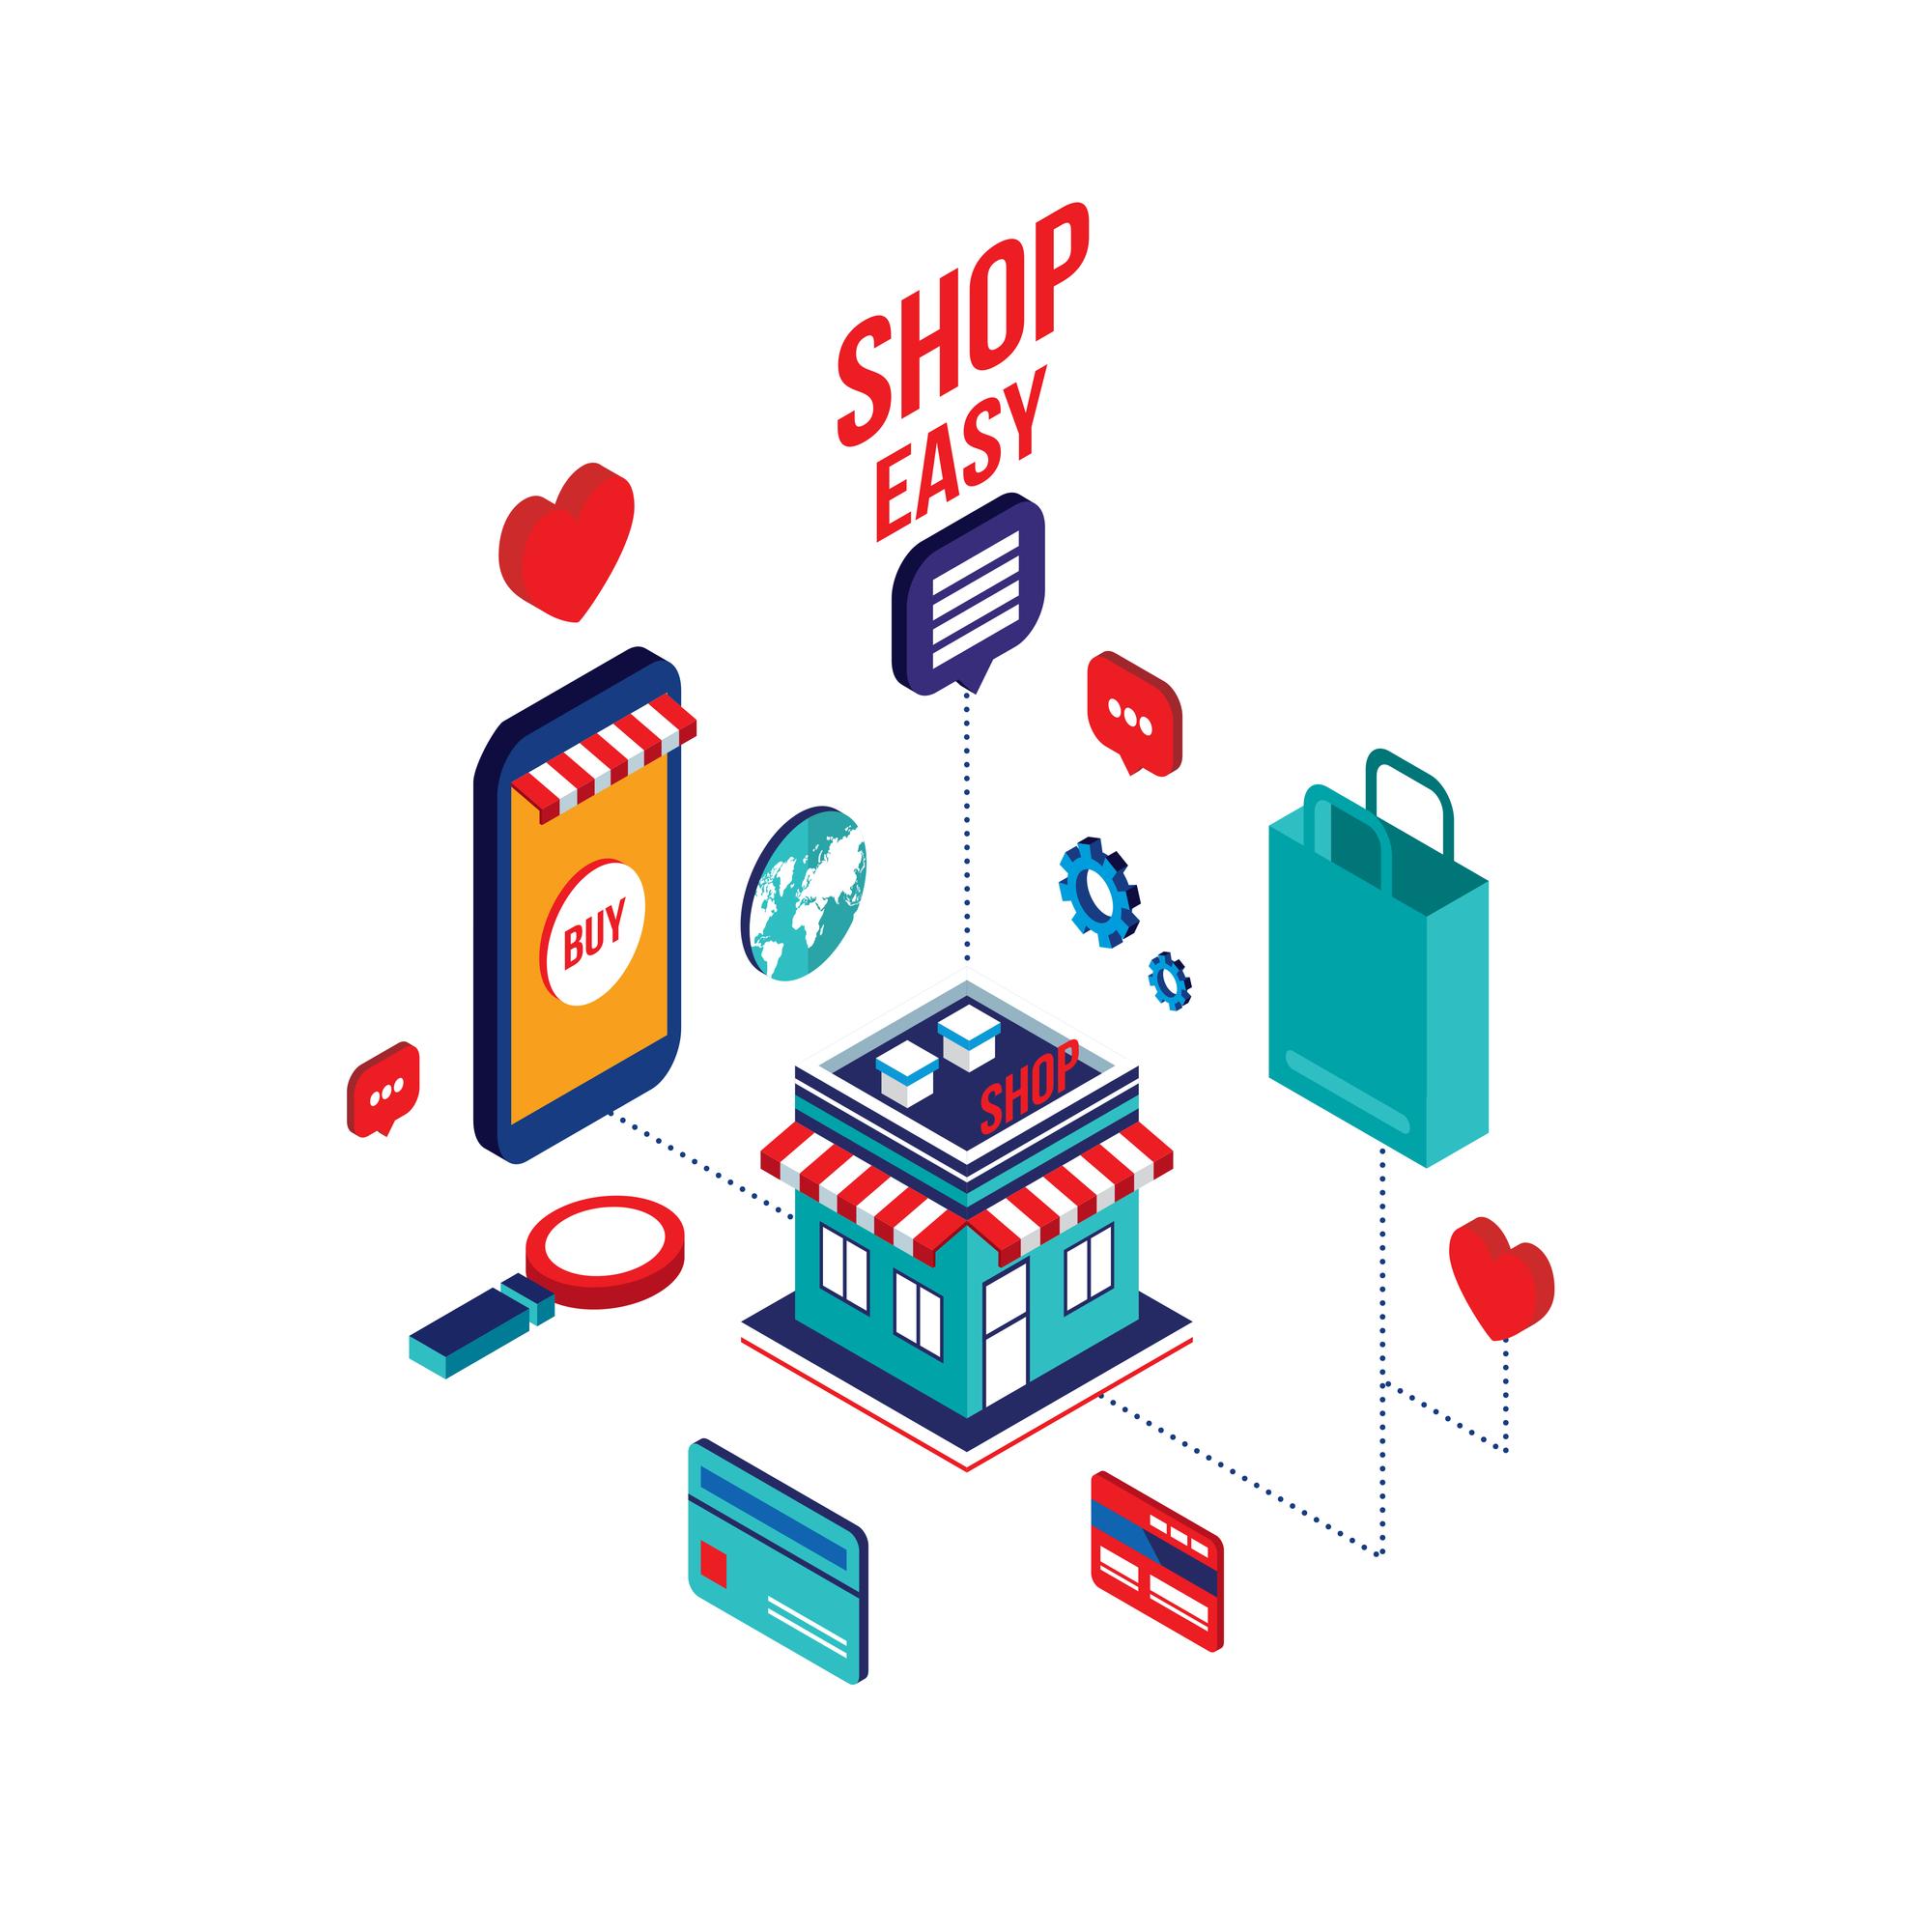 futureshopは、売上アップに必要な機能が備わったEC構築プラットフォーム